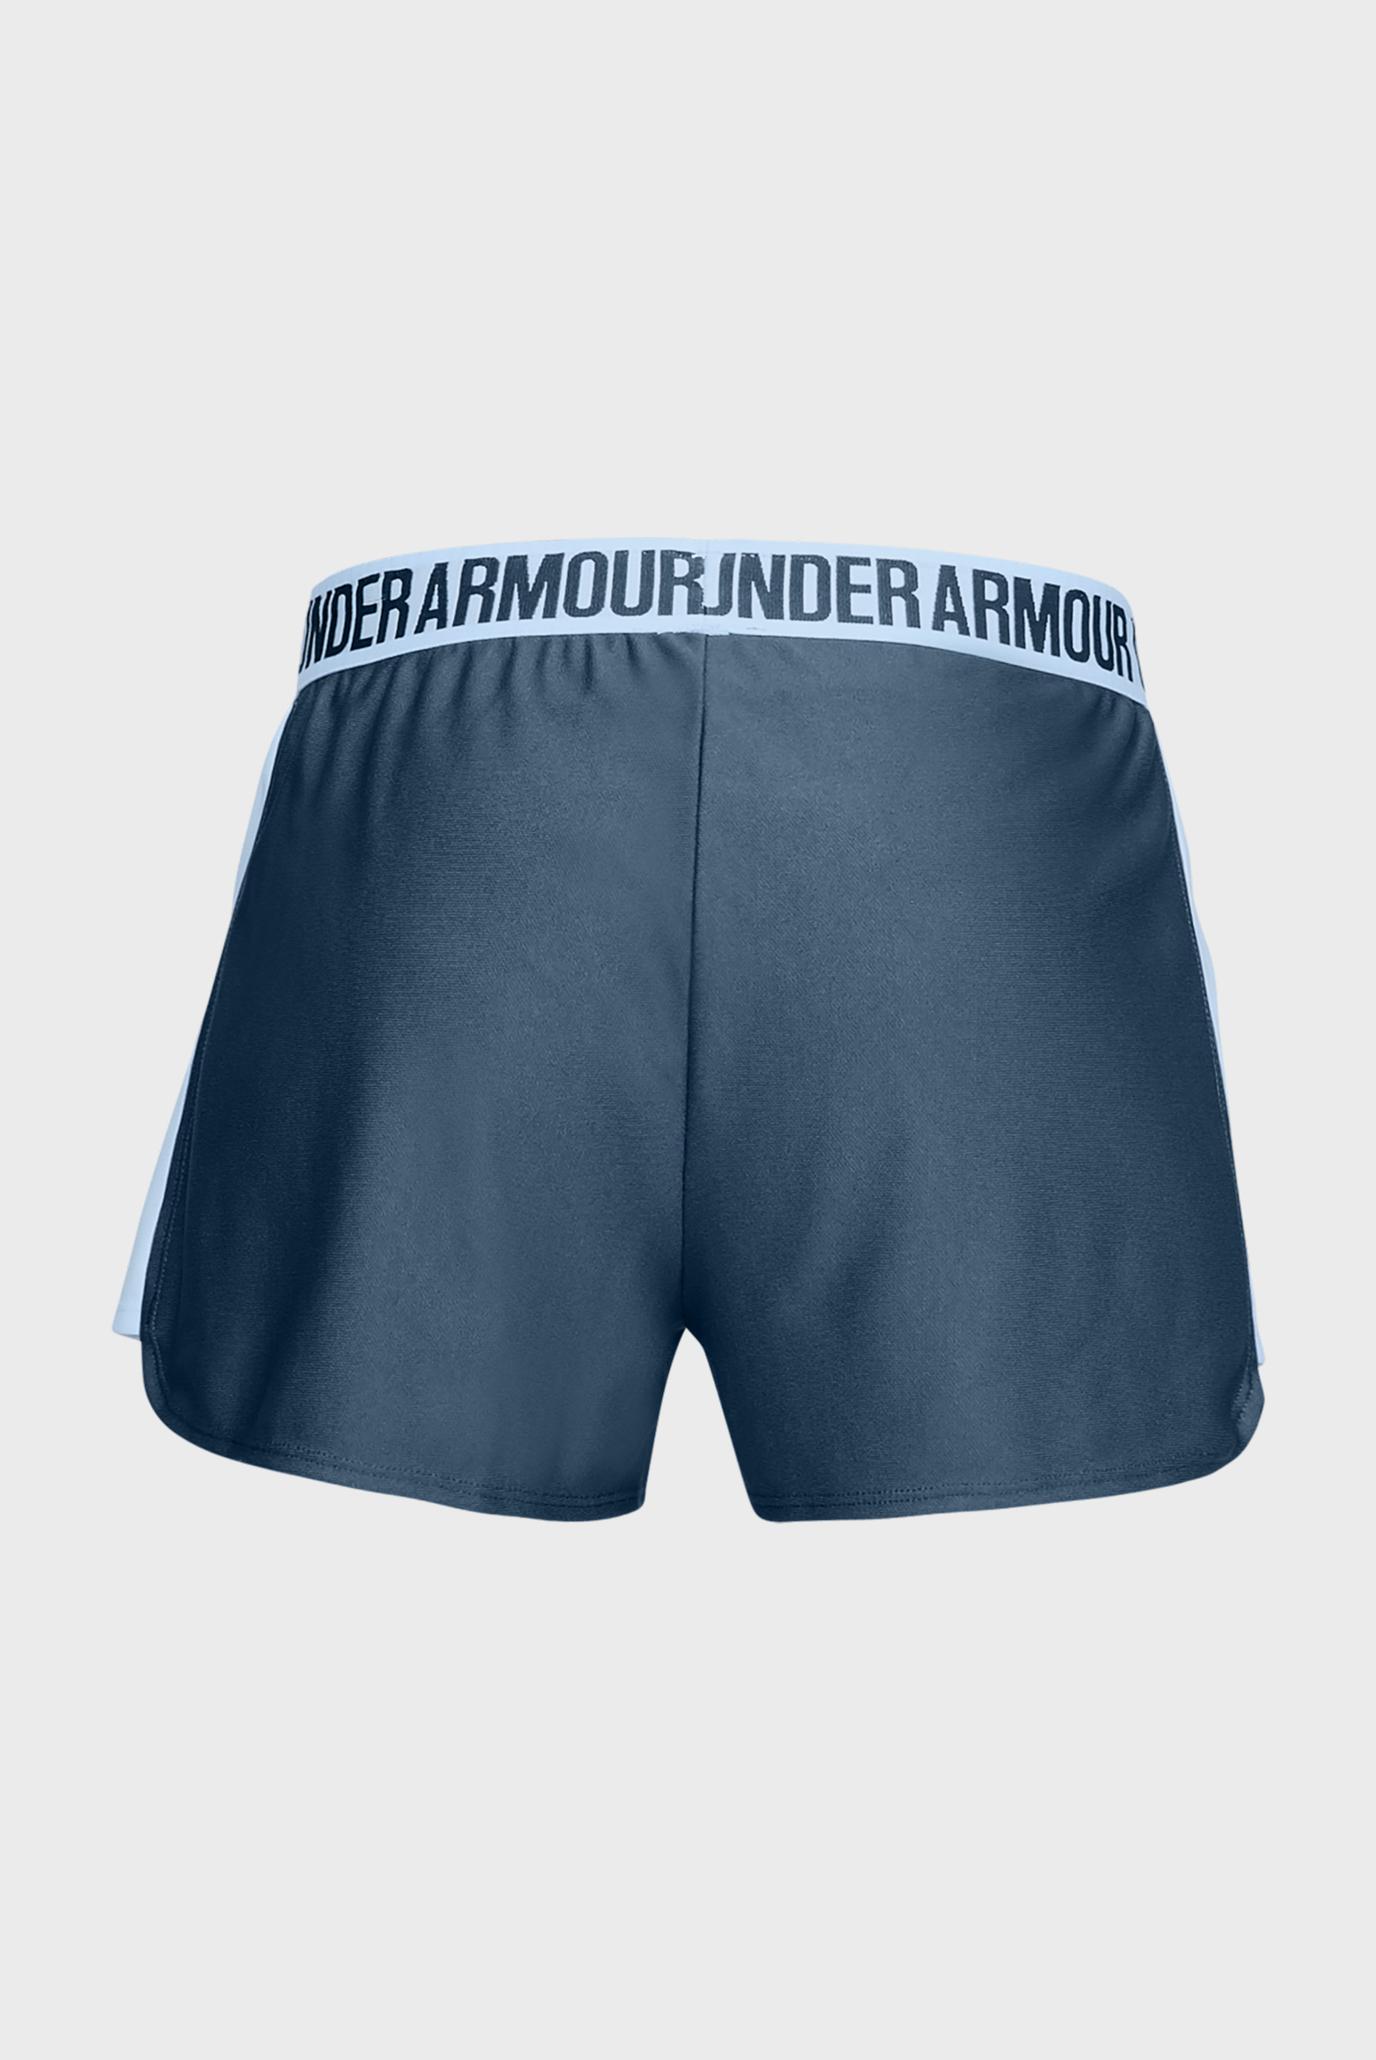 Купить Женские синие шорты Play Up Short 2.0 Under Armour Under Armour 1292231-414 – Киев, Украина. Цены в интернет магазине MD Fashion